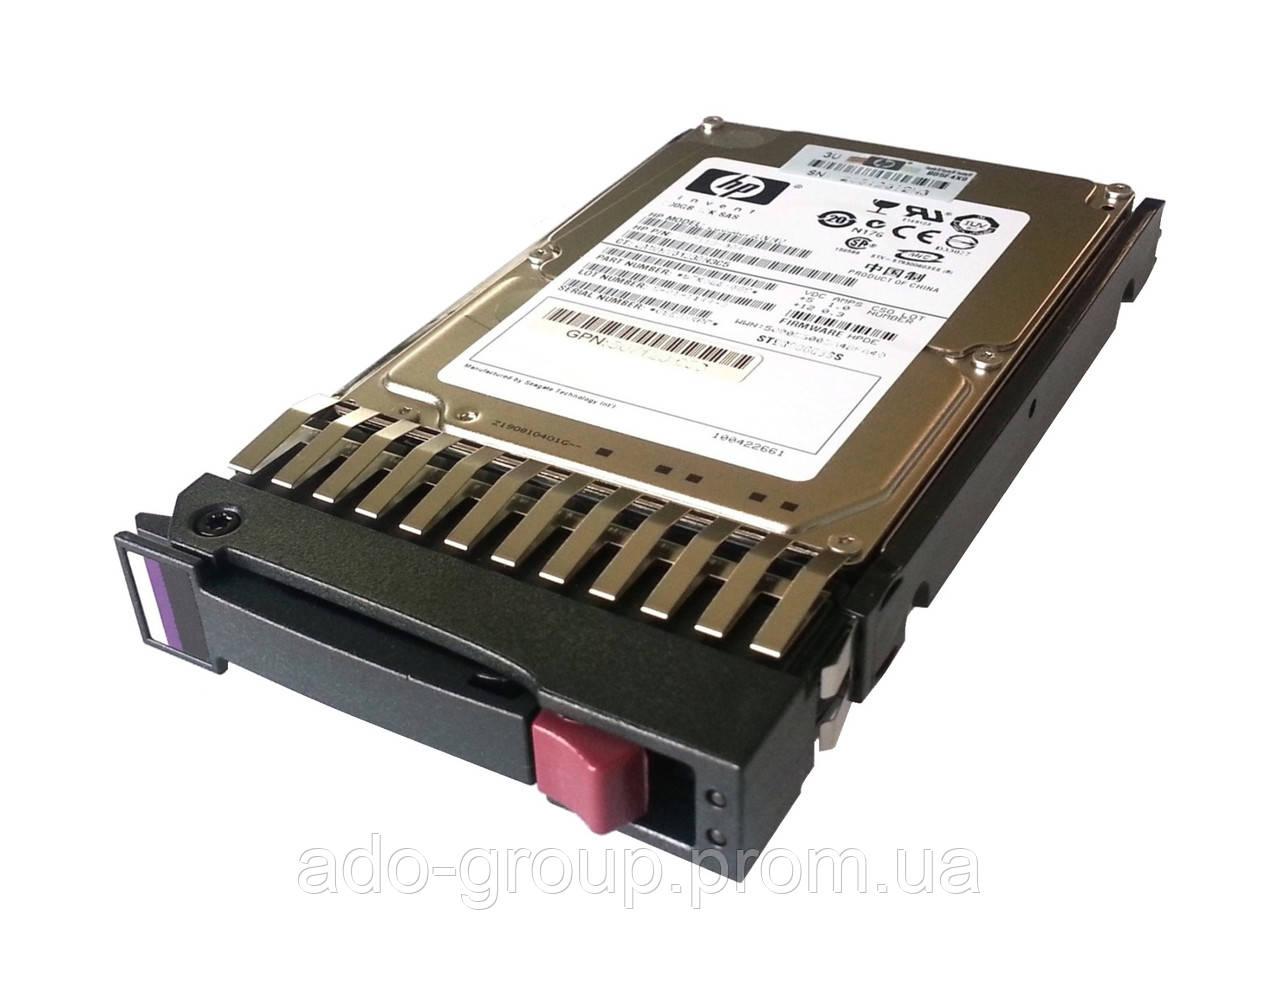 """619286-003 Жесткий диск HP 600GB SAS 10K 6G DP 2.5"""""""